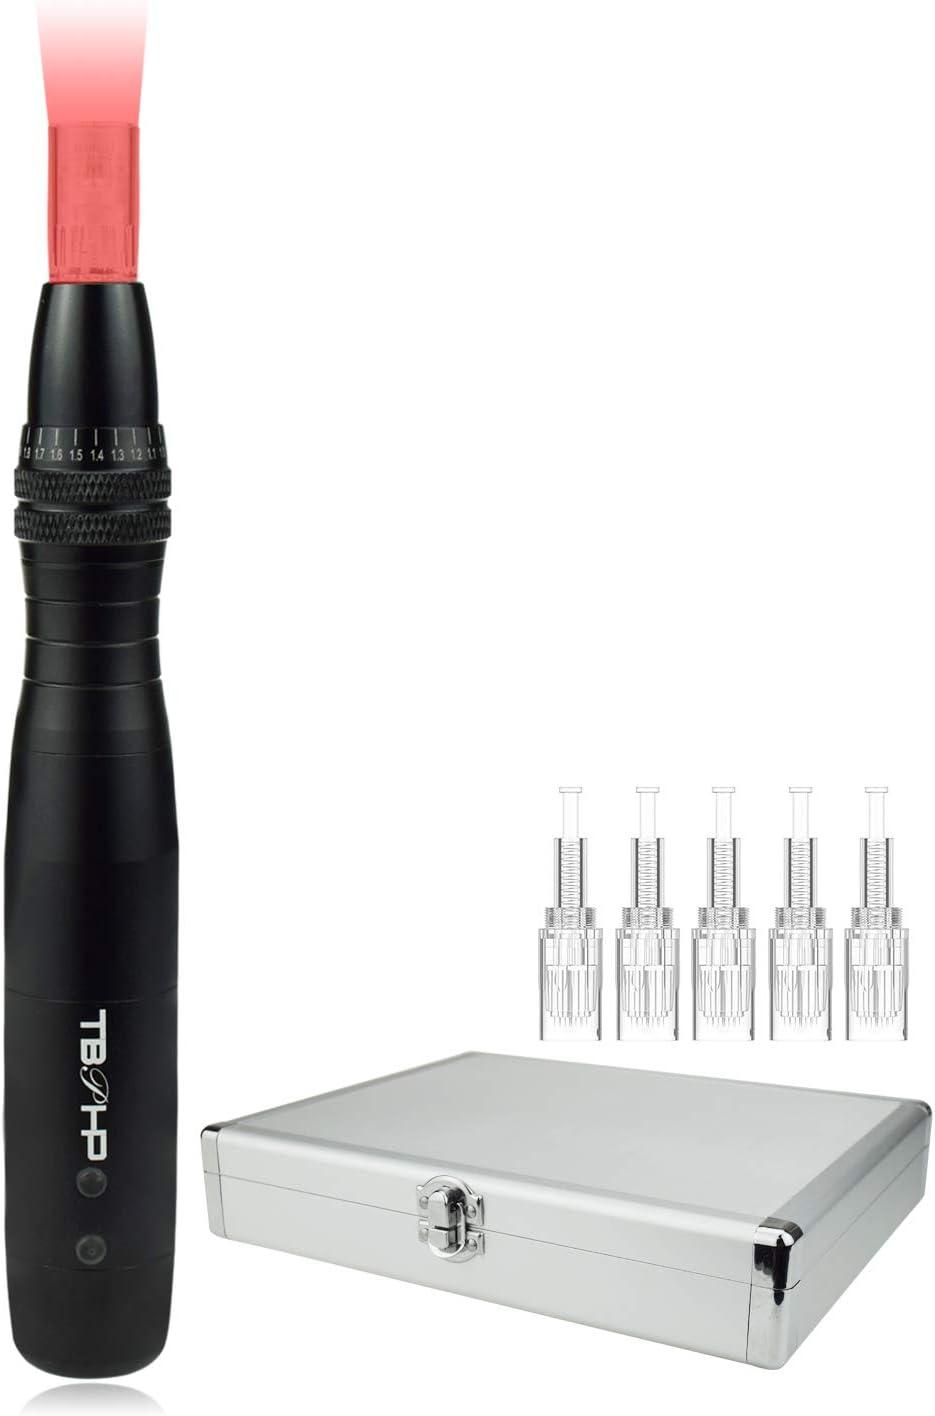 TBPHP DermaPen Microneedles Roller eléctrico pluma 0.25 mm-2.0 mm para microneedling, con 7 colores LED de acne Perdida de cabello Cara y cuerpo, con 5 piezas 12 micro agujas (Negro)